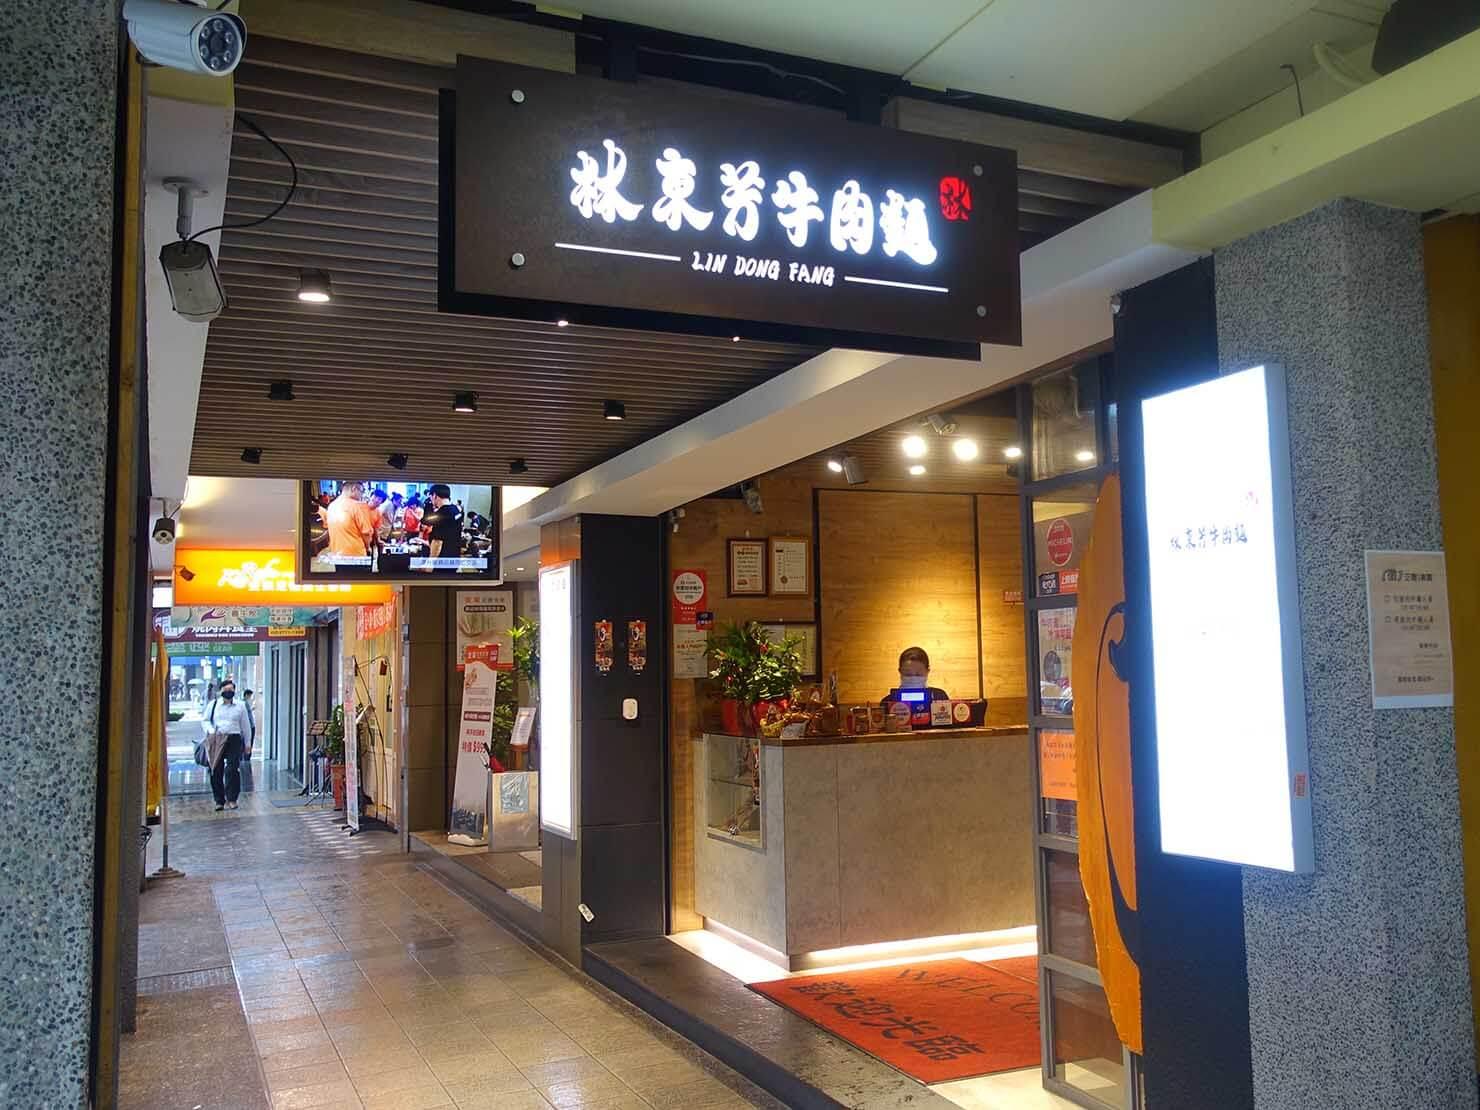 台北・南京復興駅周辺のおすすめグルメ店「林東芳牛肉麵」の外観